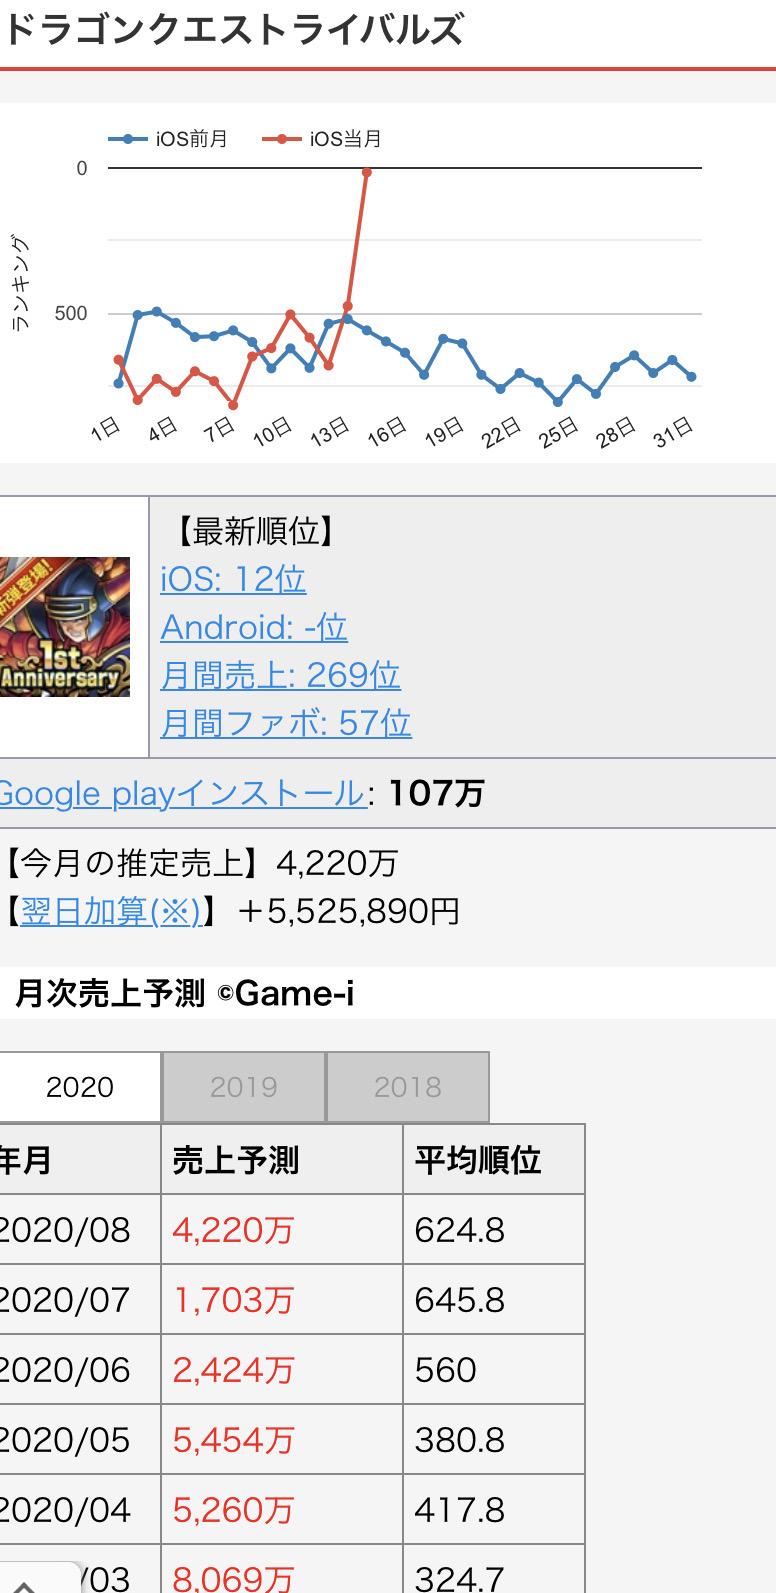 QdGYyVo - 【朗報】ドラクエのスマホゲーム、始まる